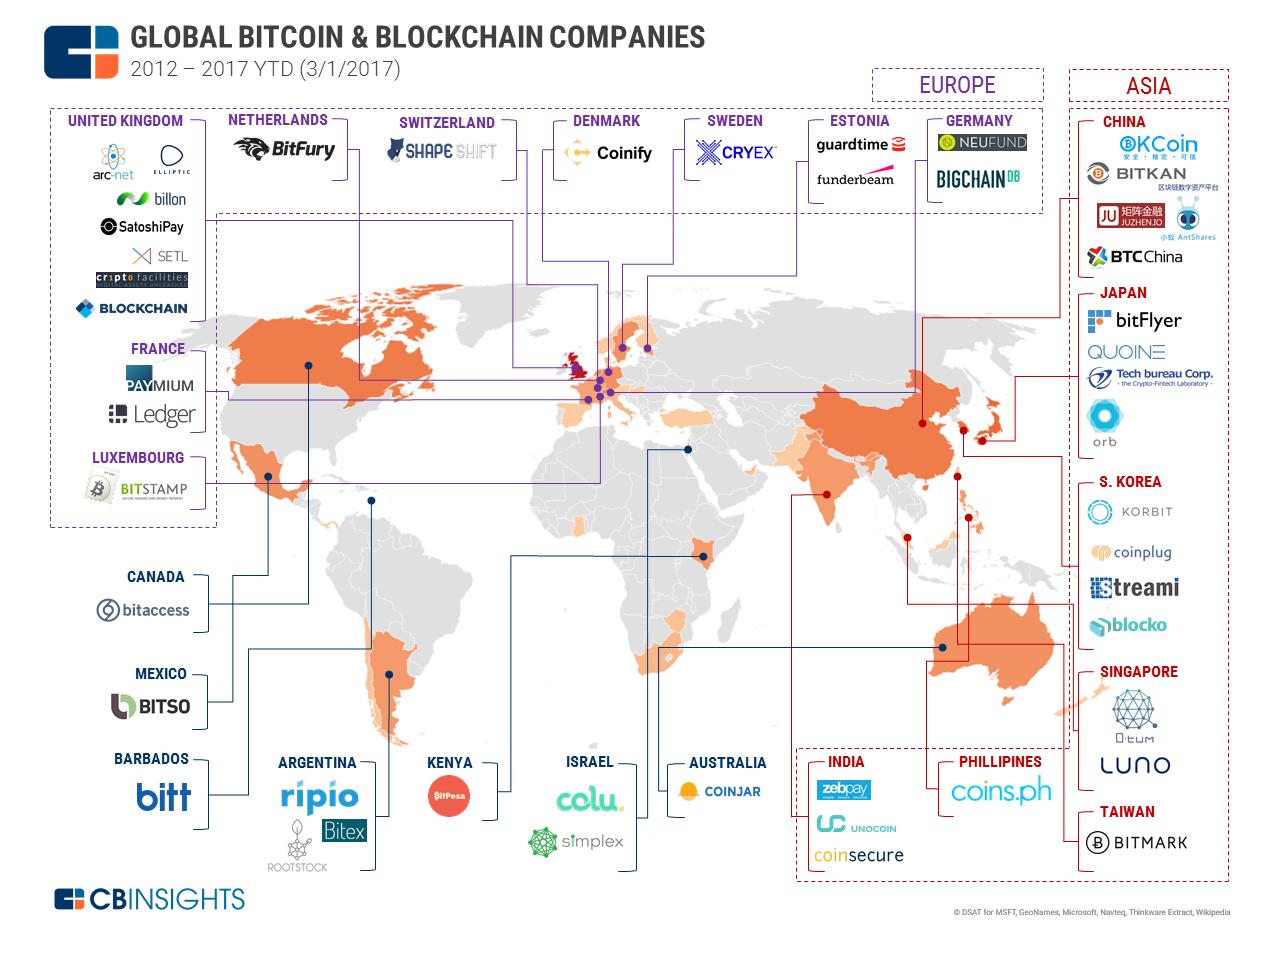 Картинки по запросу GLOBAL CRYPTOCURRENCIES NETWORK INFOGRAPHIC